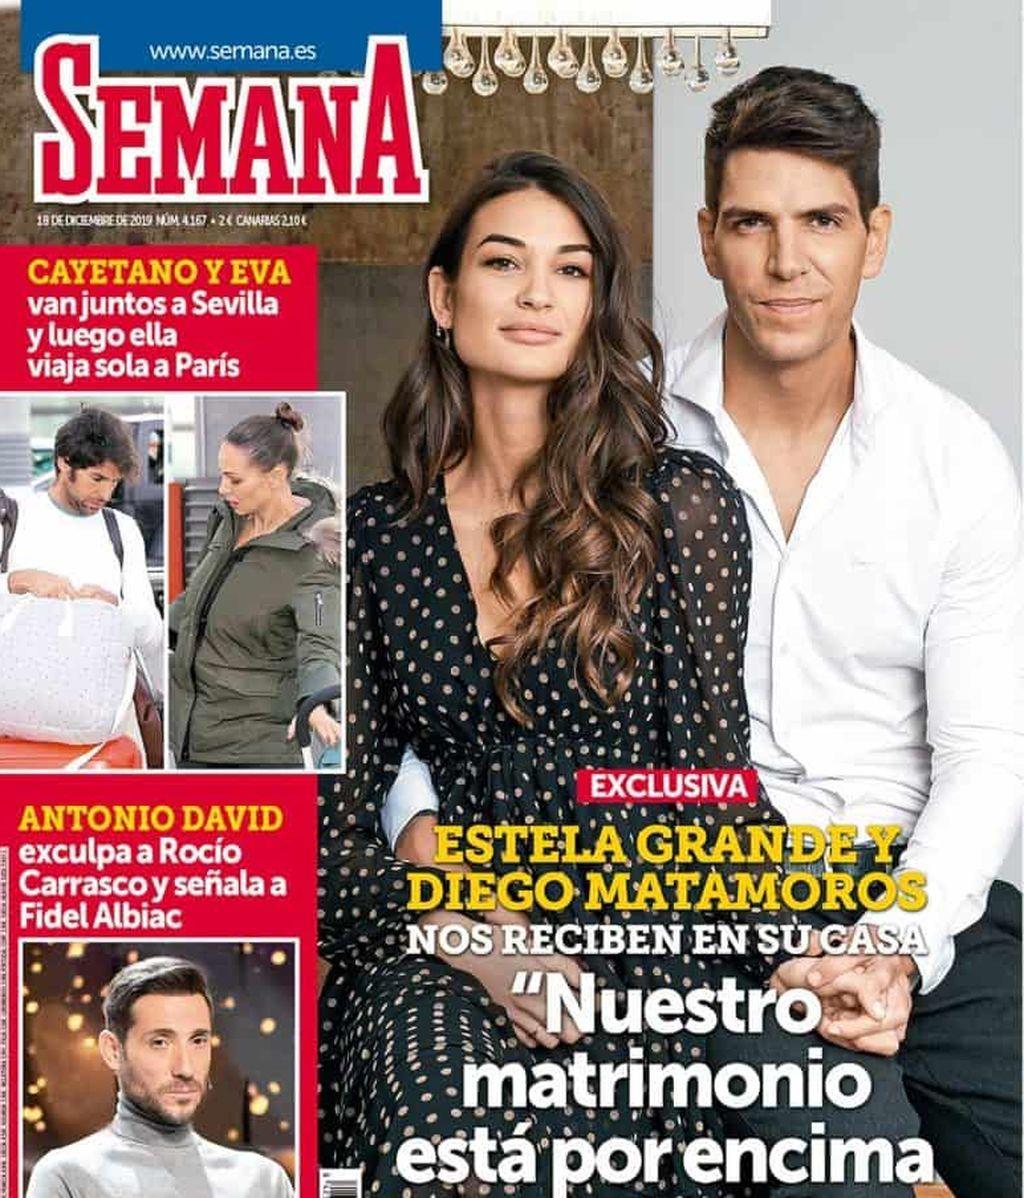 s4167-portada-792x1024Estela y Diego Matamoros.